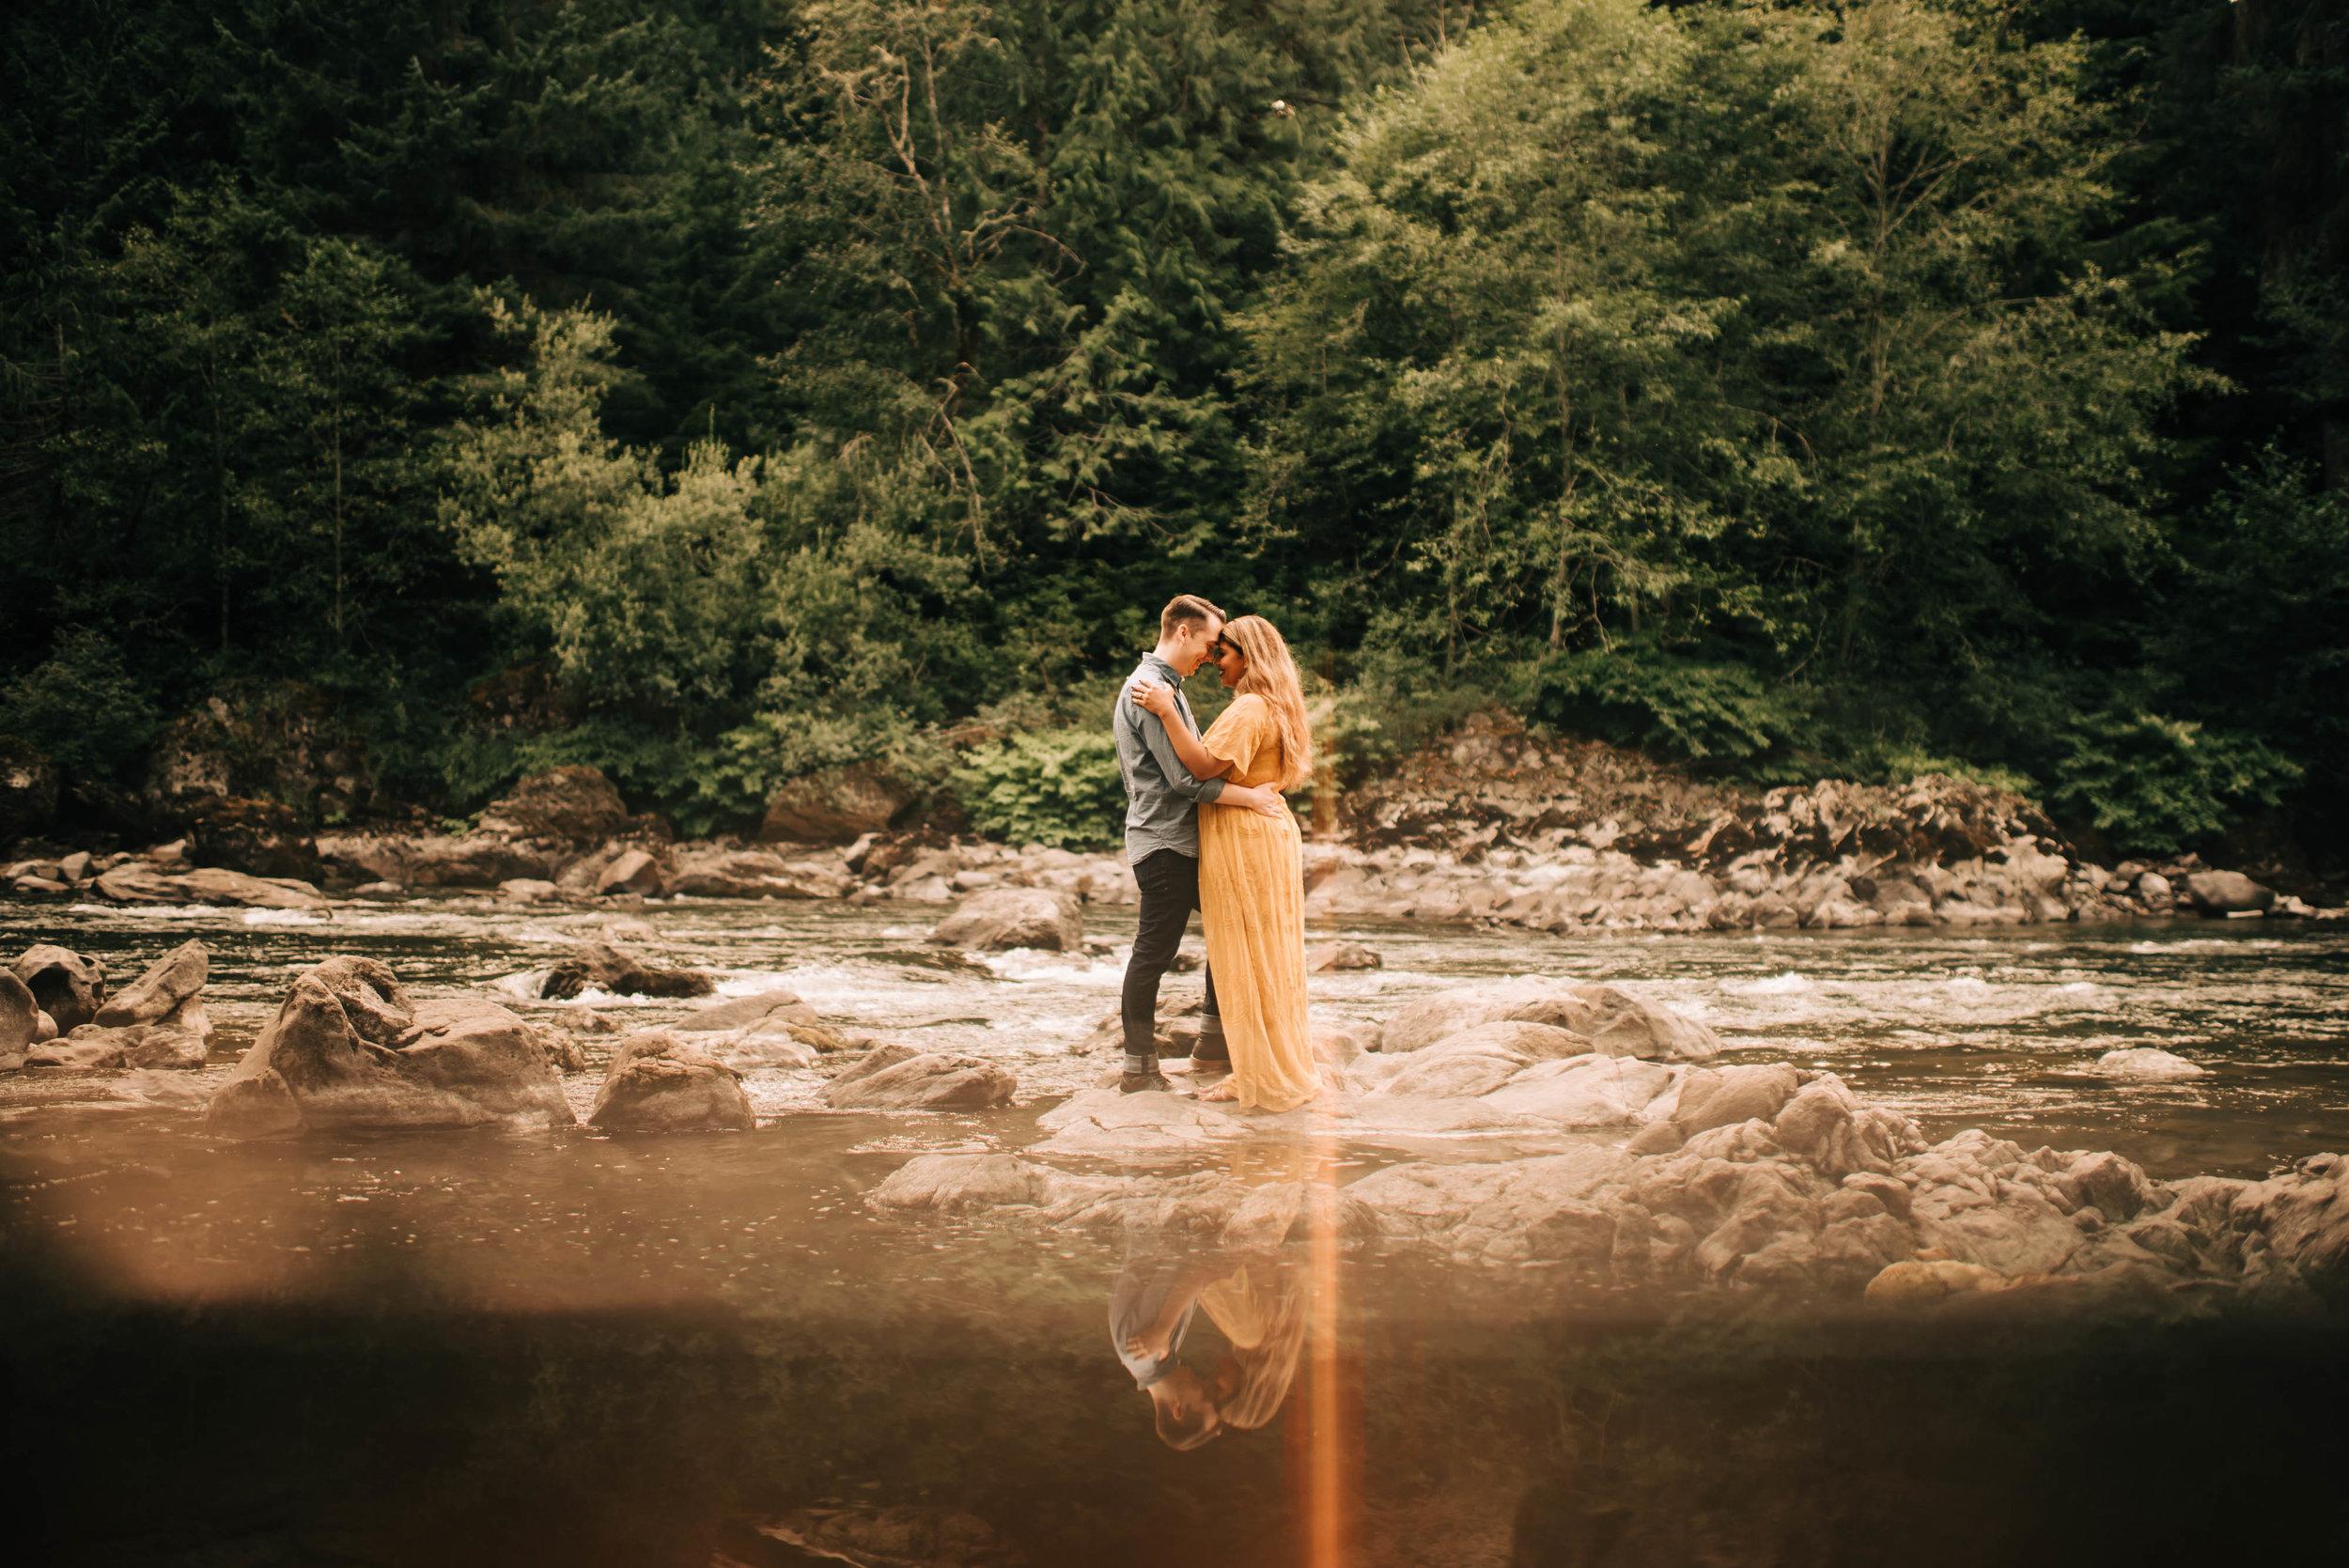 san francisco oakland bay area california sf atlanta georgia seattle washington pnw nontraditional wedding photographer -84.jpg